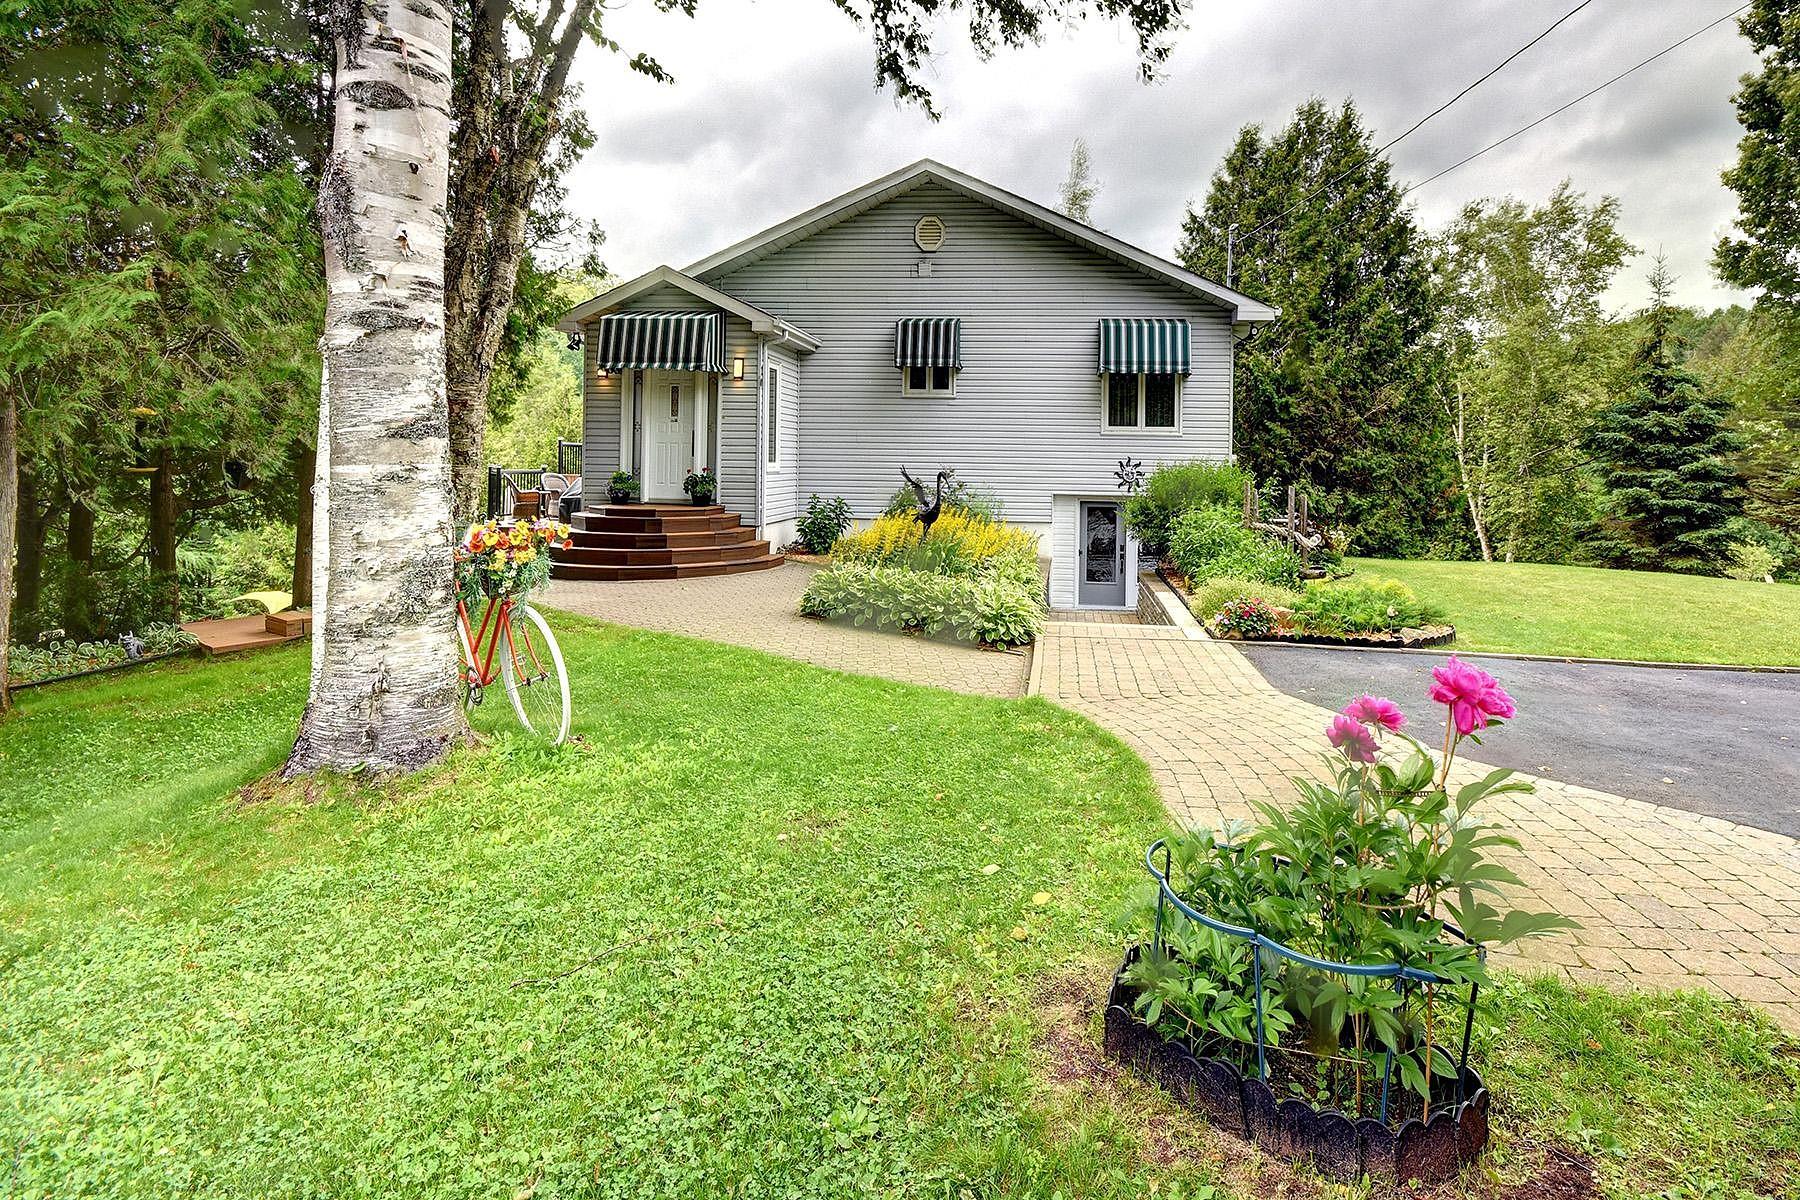 Single Family Homes for Sale at Sainte-Adèle, Laurentides 10 Ch. du Lac-à-l'Ours N. Sainte-Adele, Quebec J8A3J2 Canada